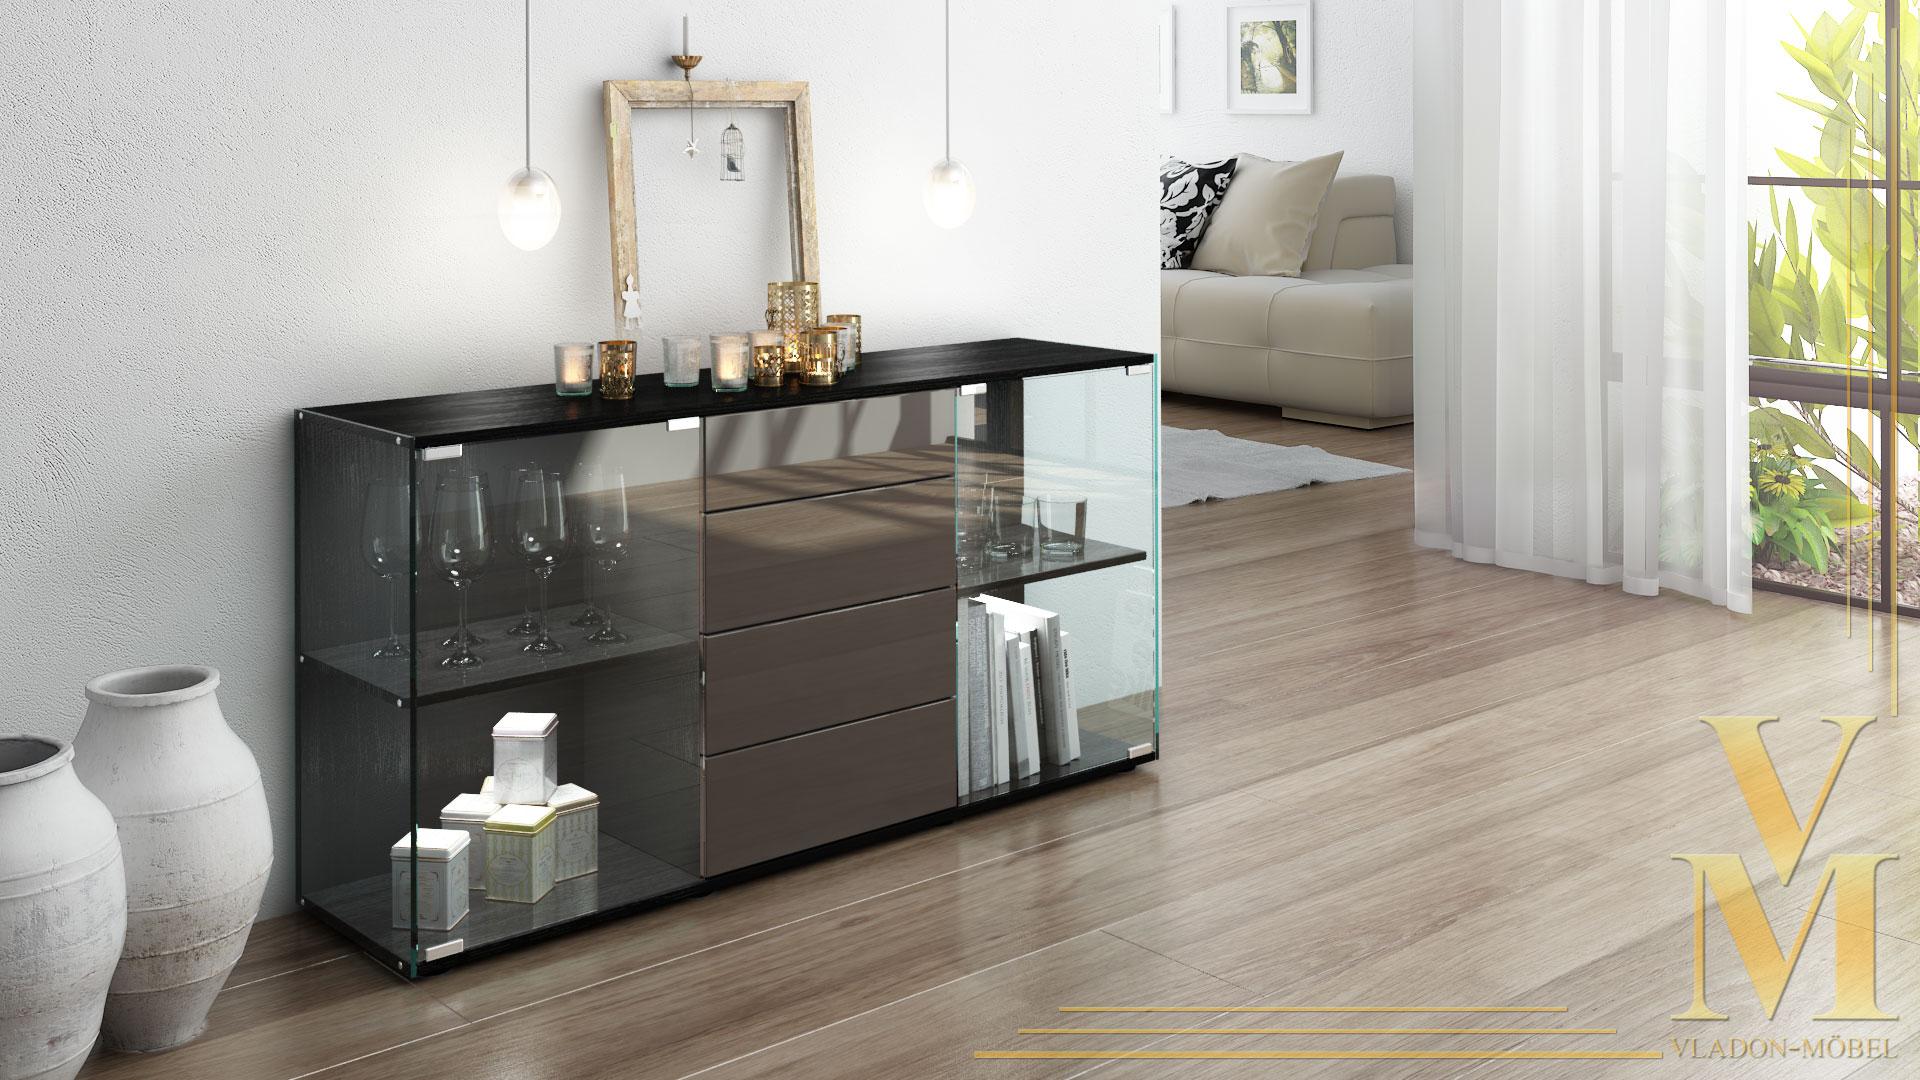 sideboard kommode tv board vitrine anrichte f hr schwarz hochglanz naturt ne ebay. Black Bedroom Furniture Sets. Home Design Ideas